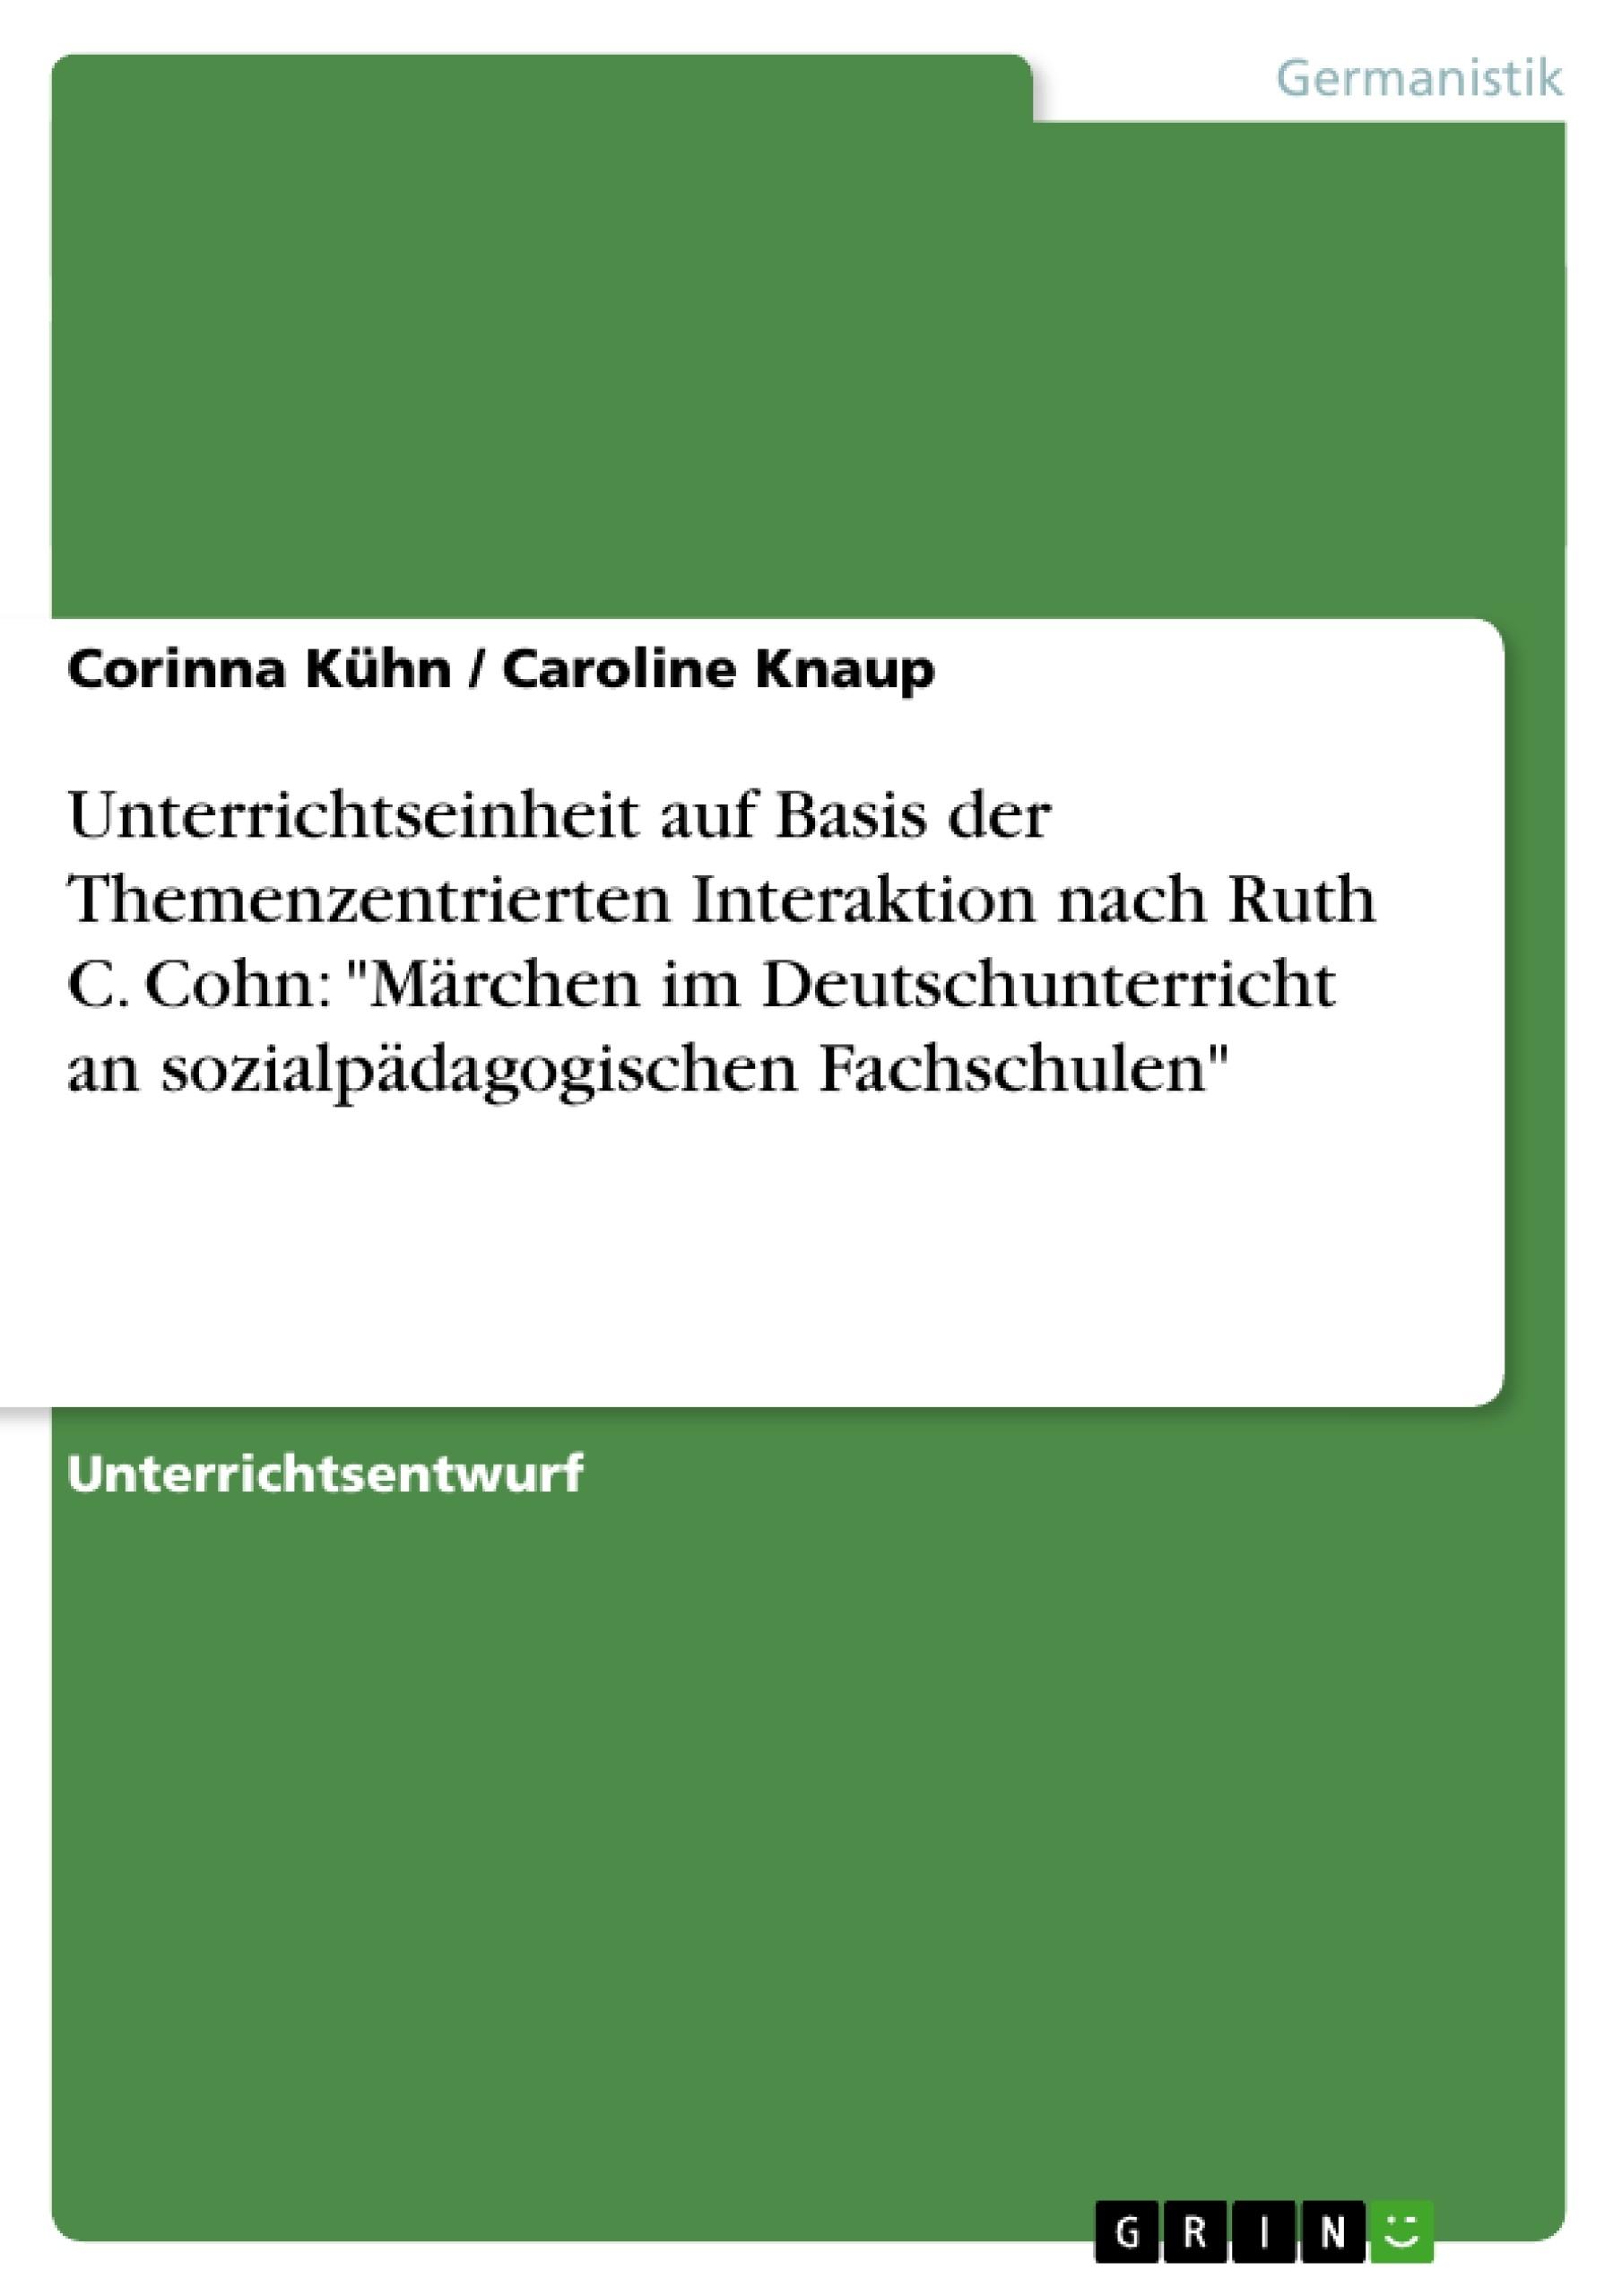 """Titel: Unterrichtseinheit auf Basis der Themenzentrierten Interaktion nach Ruth C. Cohn: """"Märchen im Deutschunterricht an sozialpädagogischen Fachschulen"""""""